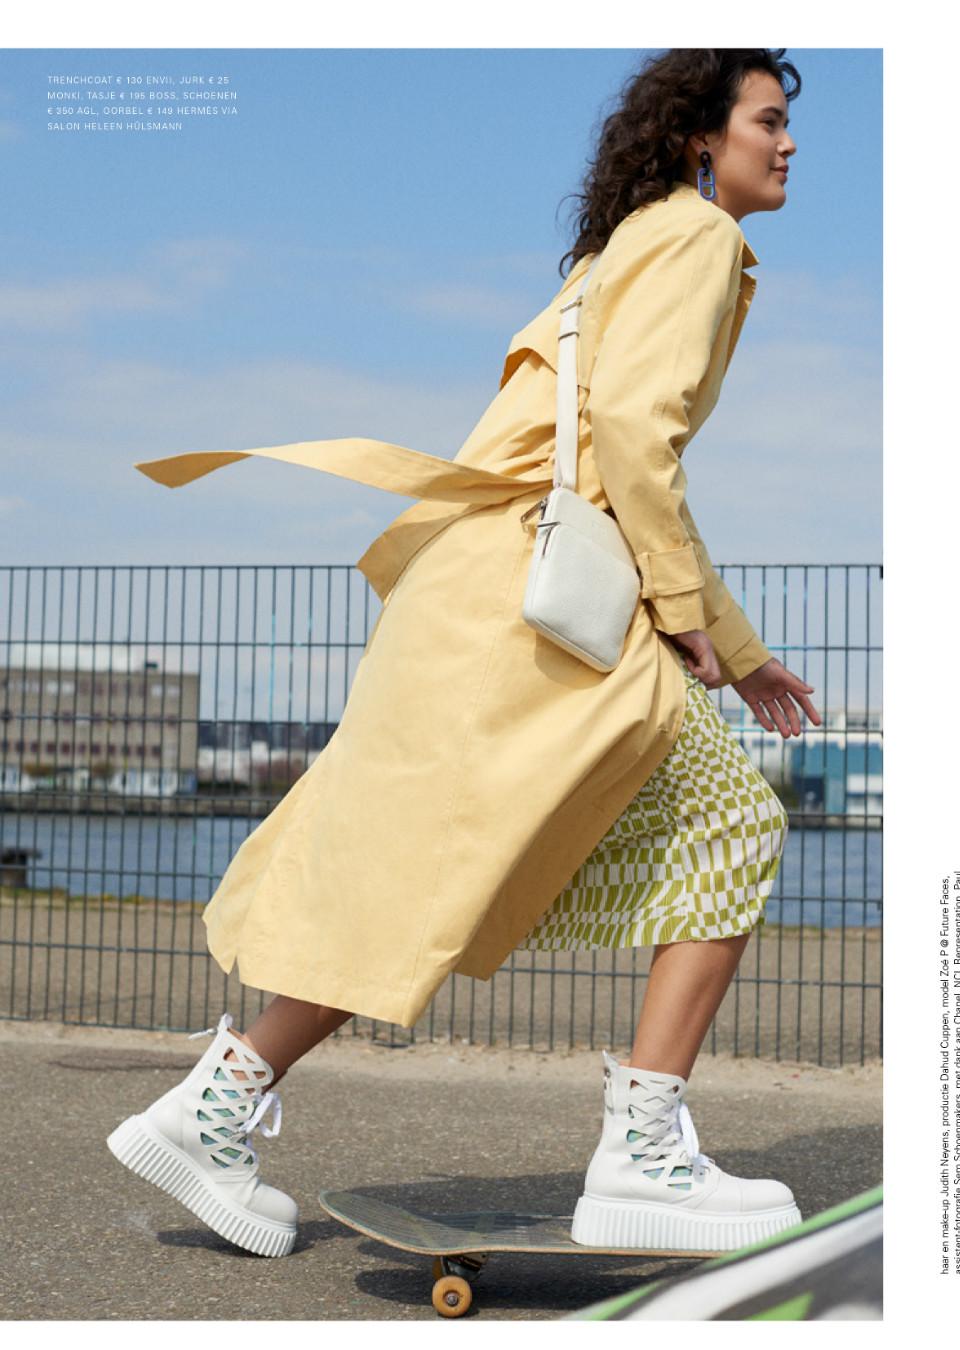 Zoe for &C magazine